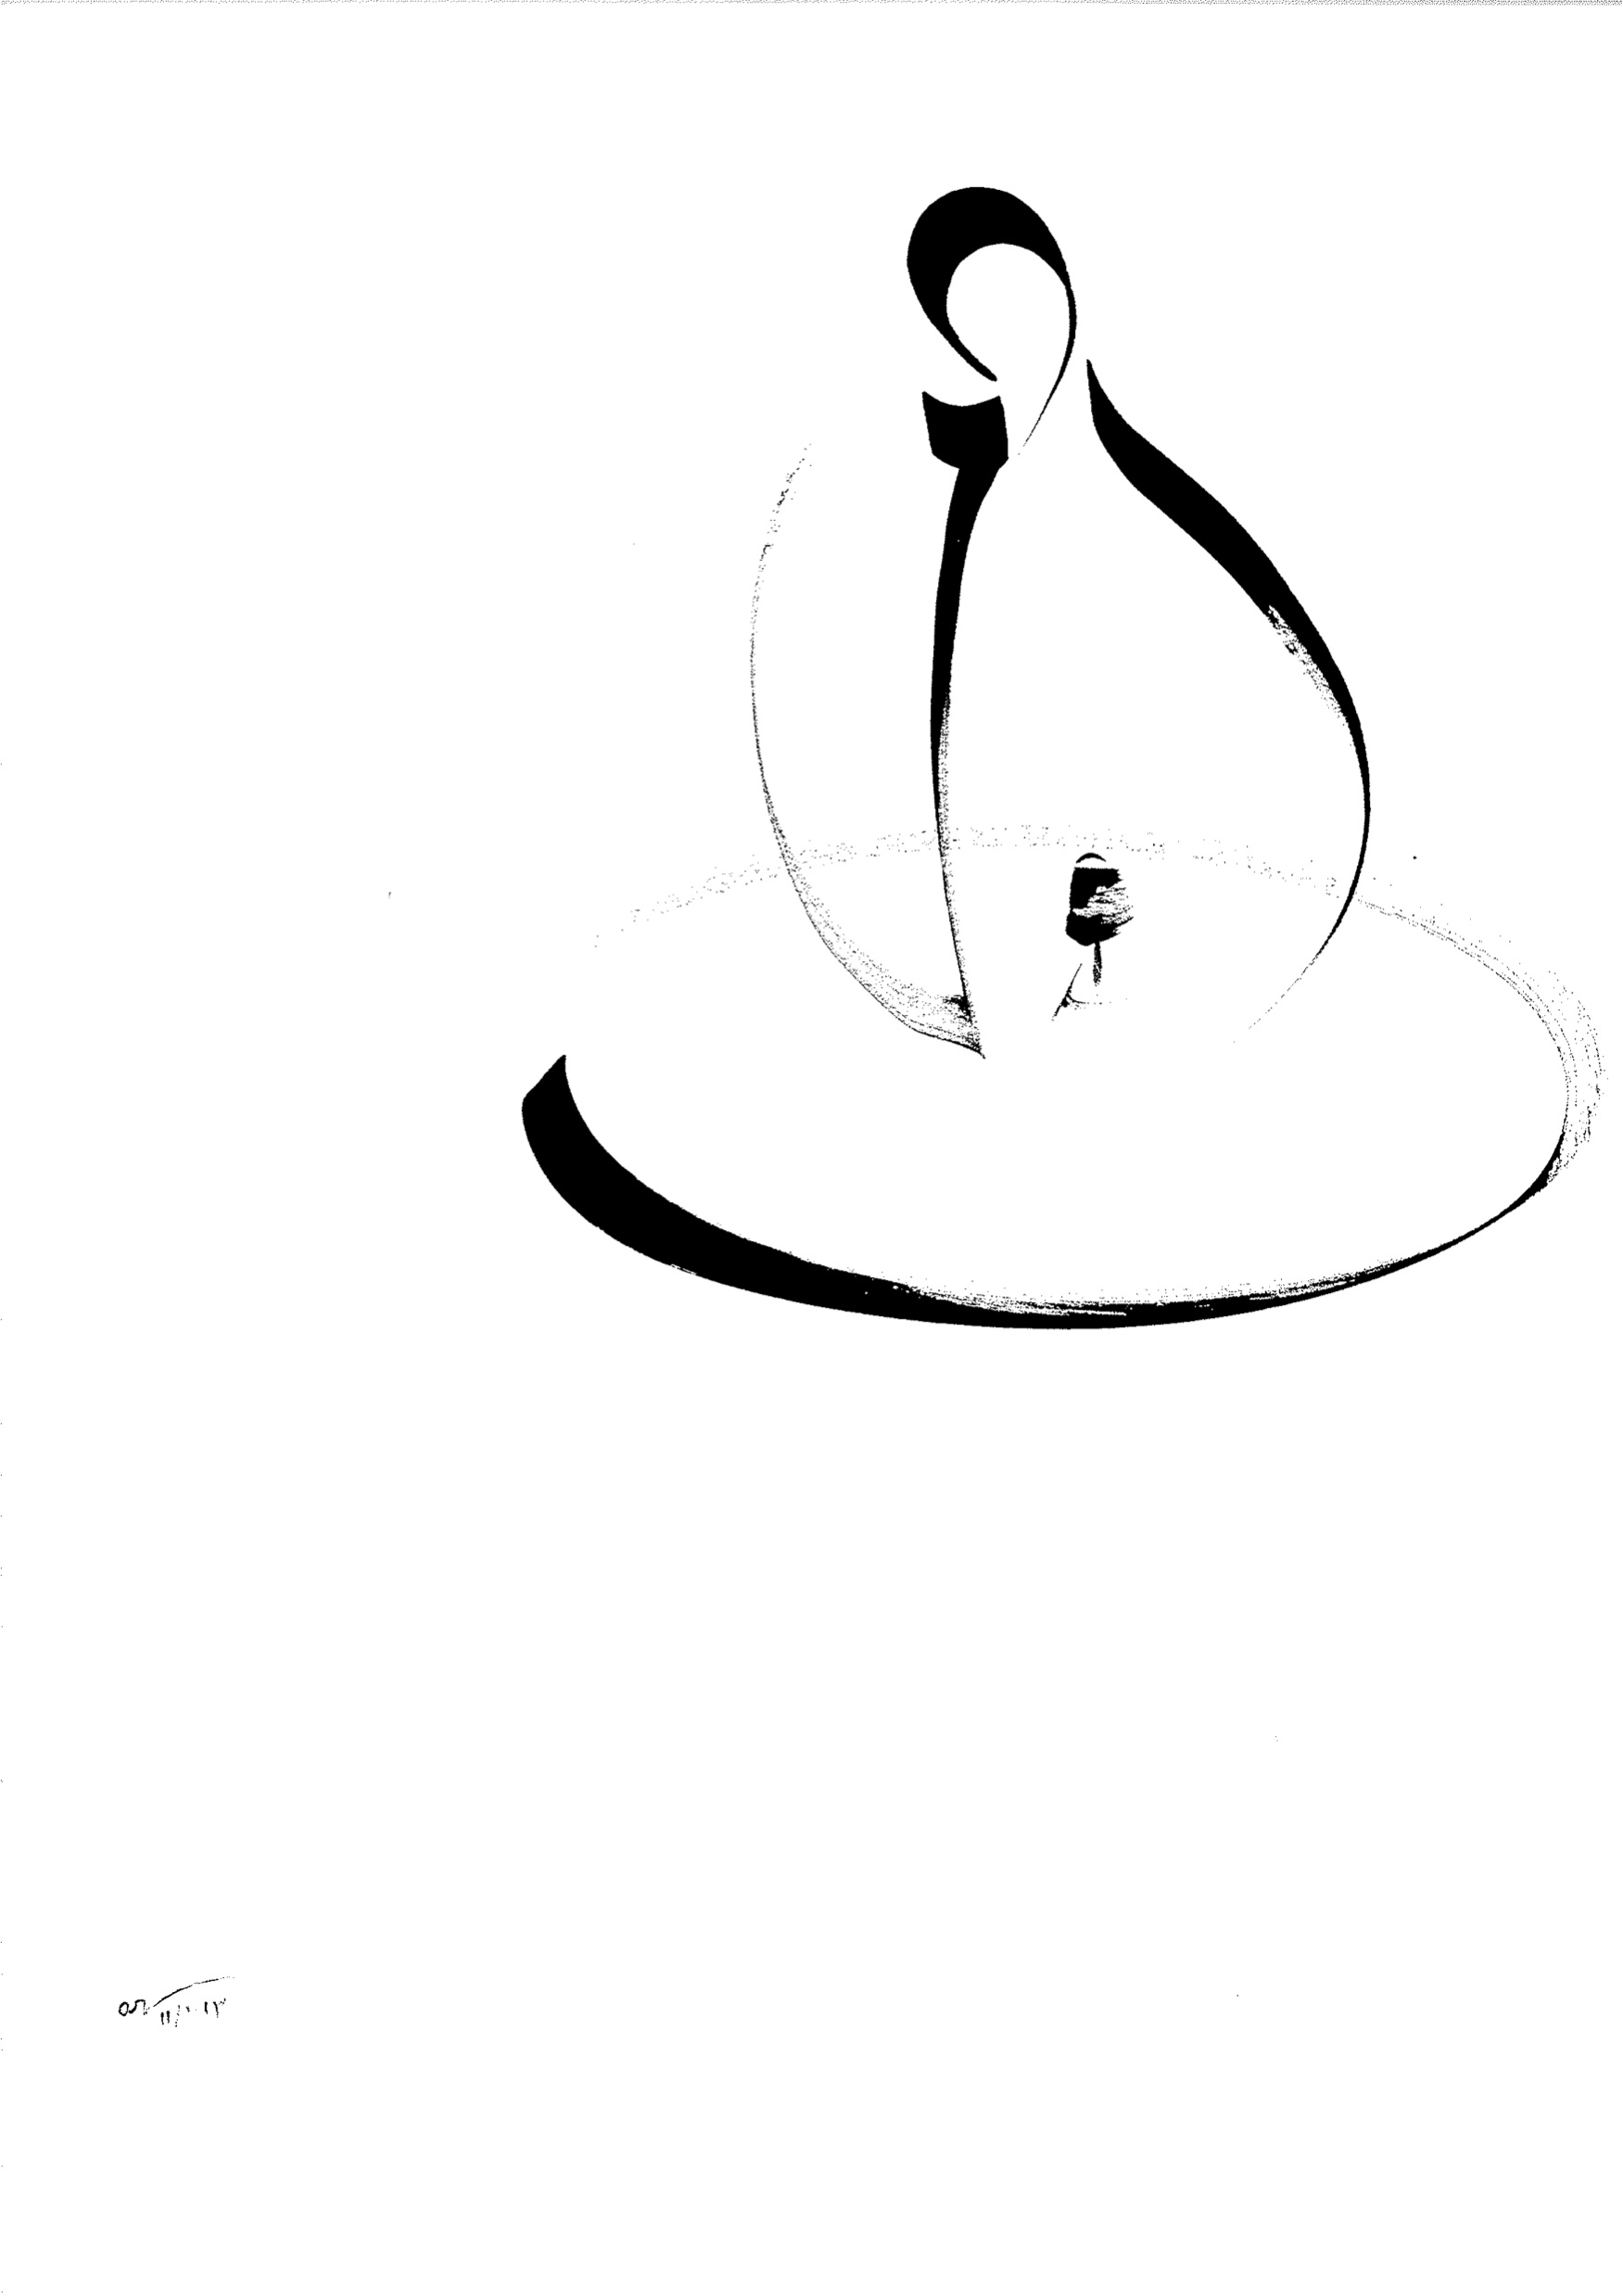 <p><span>Le buveur</span>, 2013<br>Format: 75 x 59 cm</p>